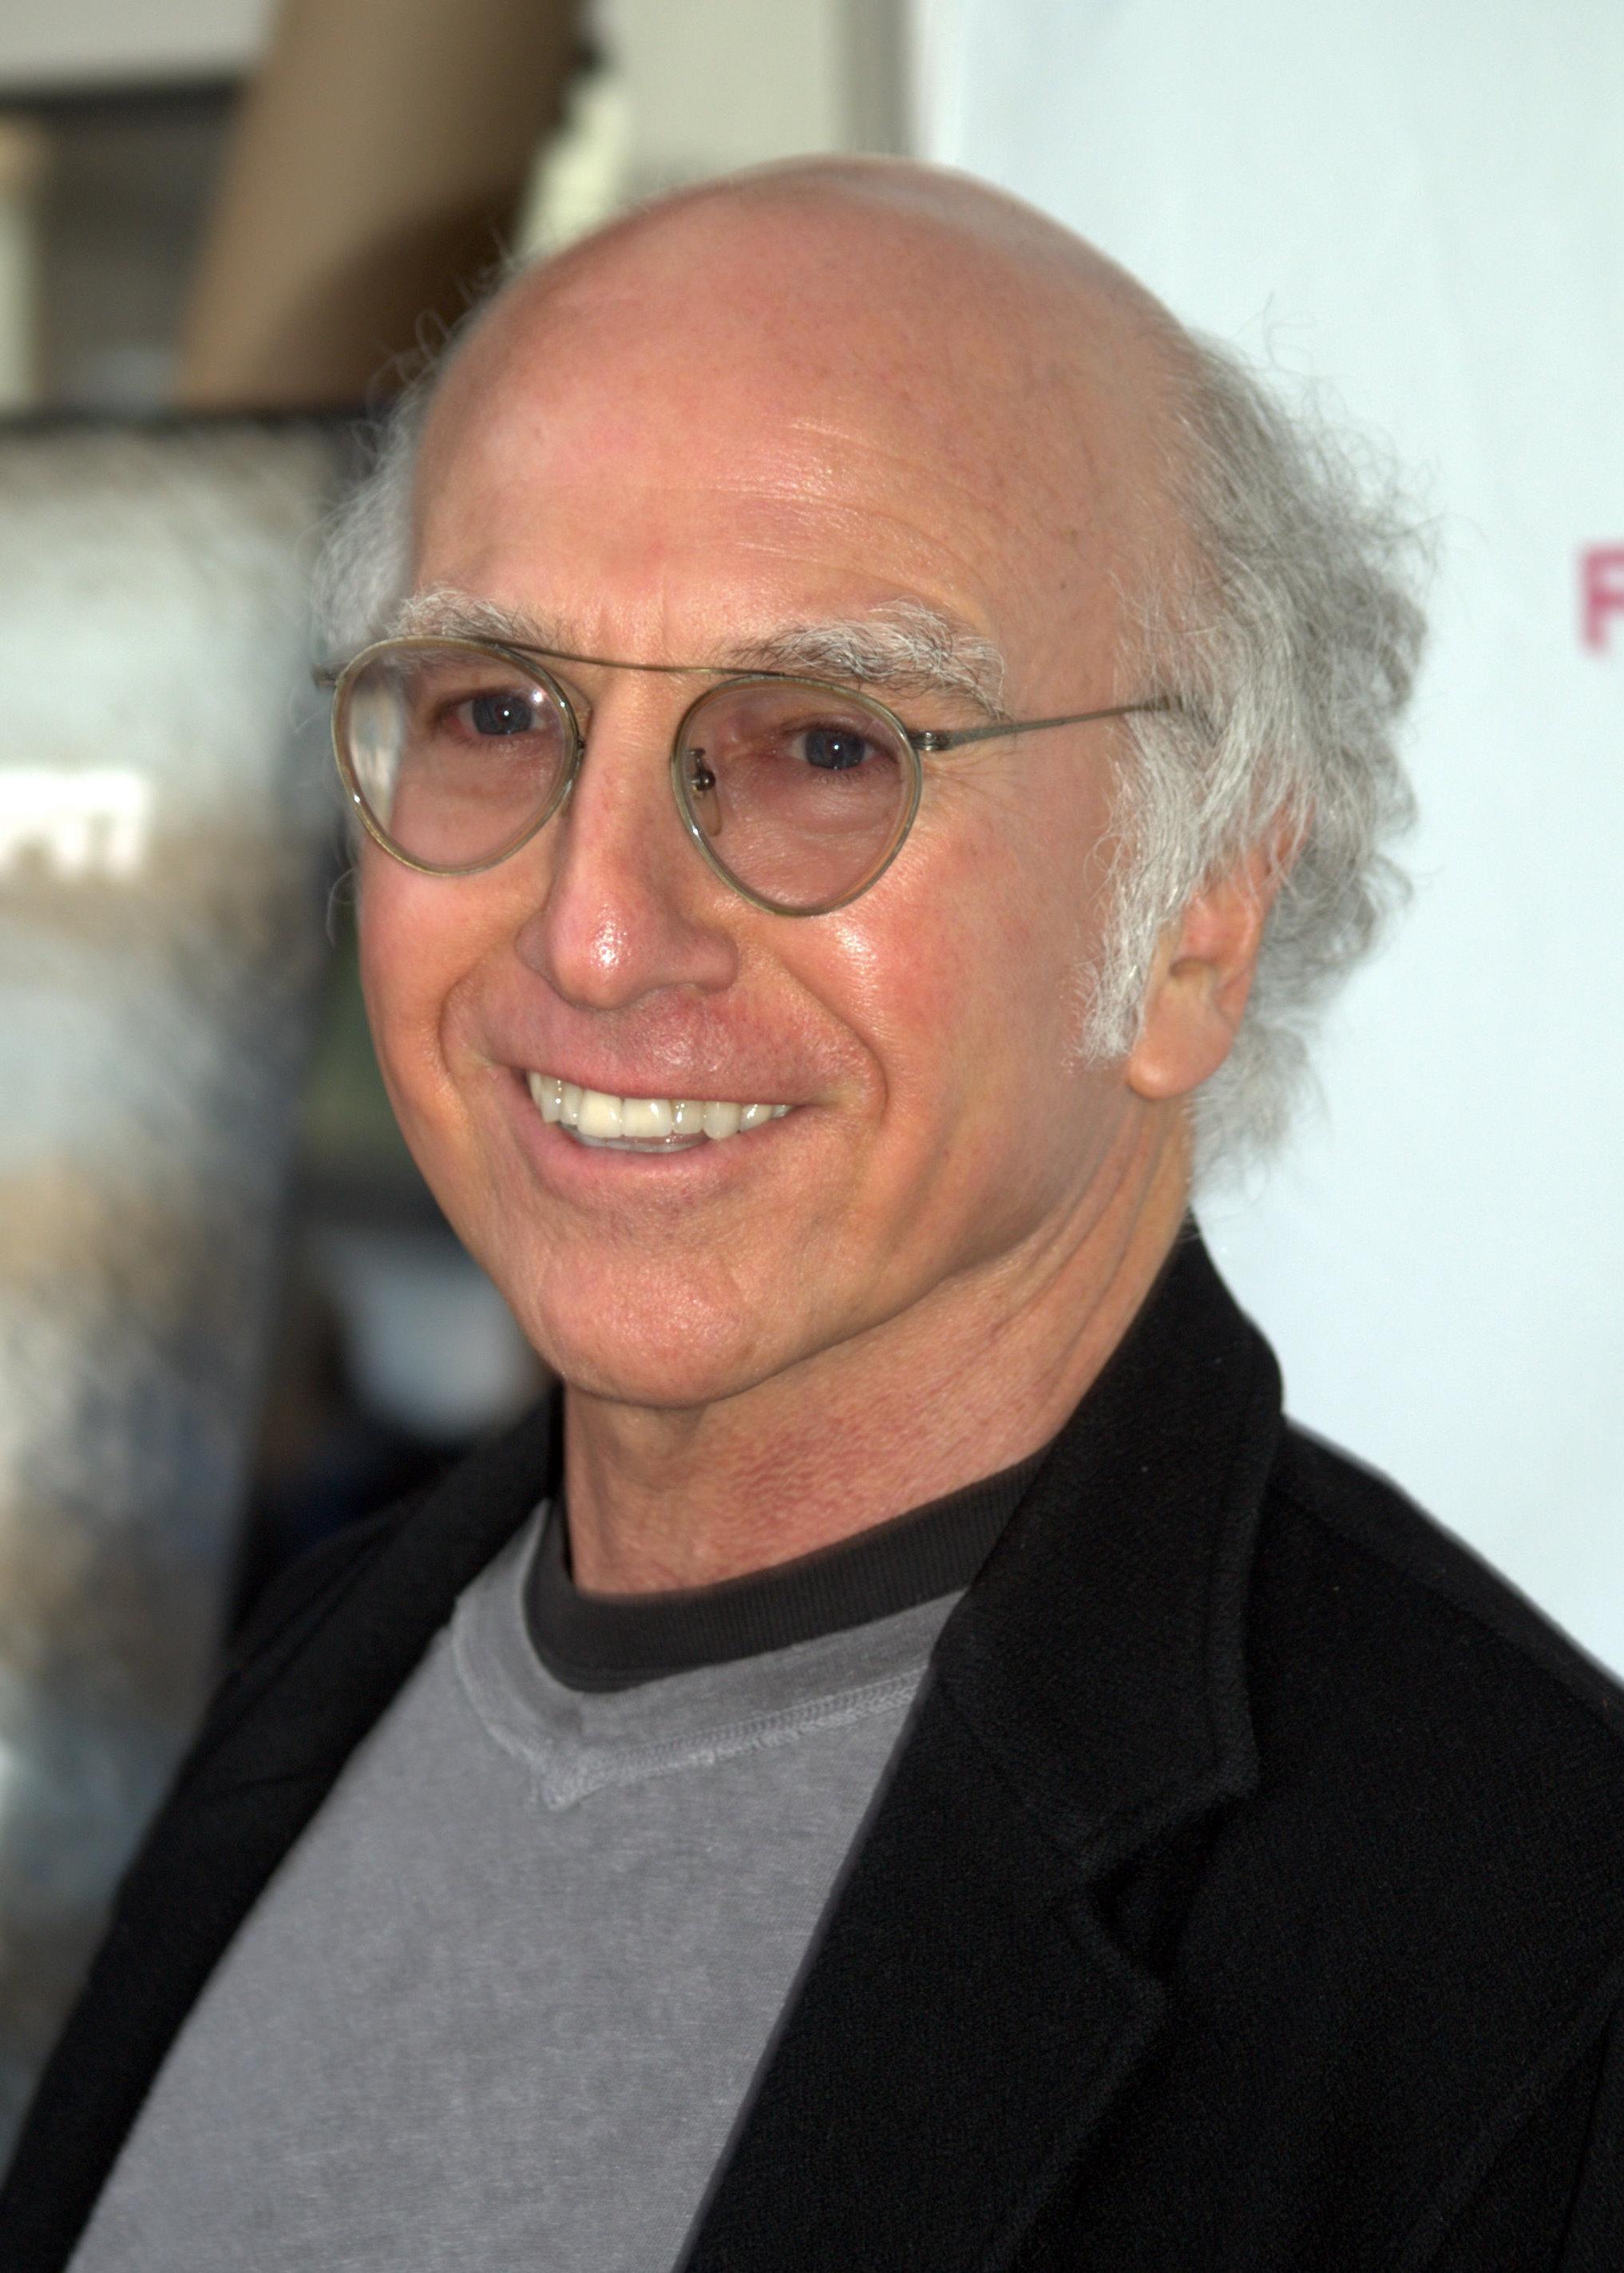 Pic David Shankbone